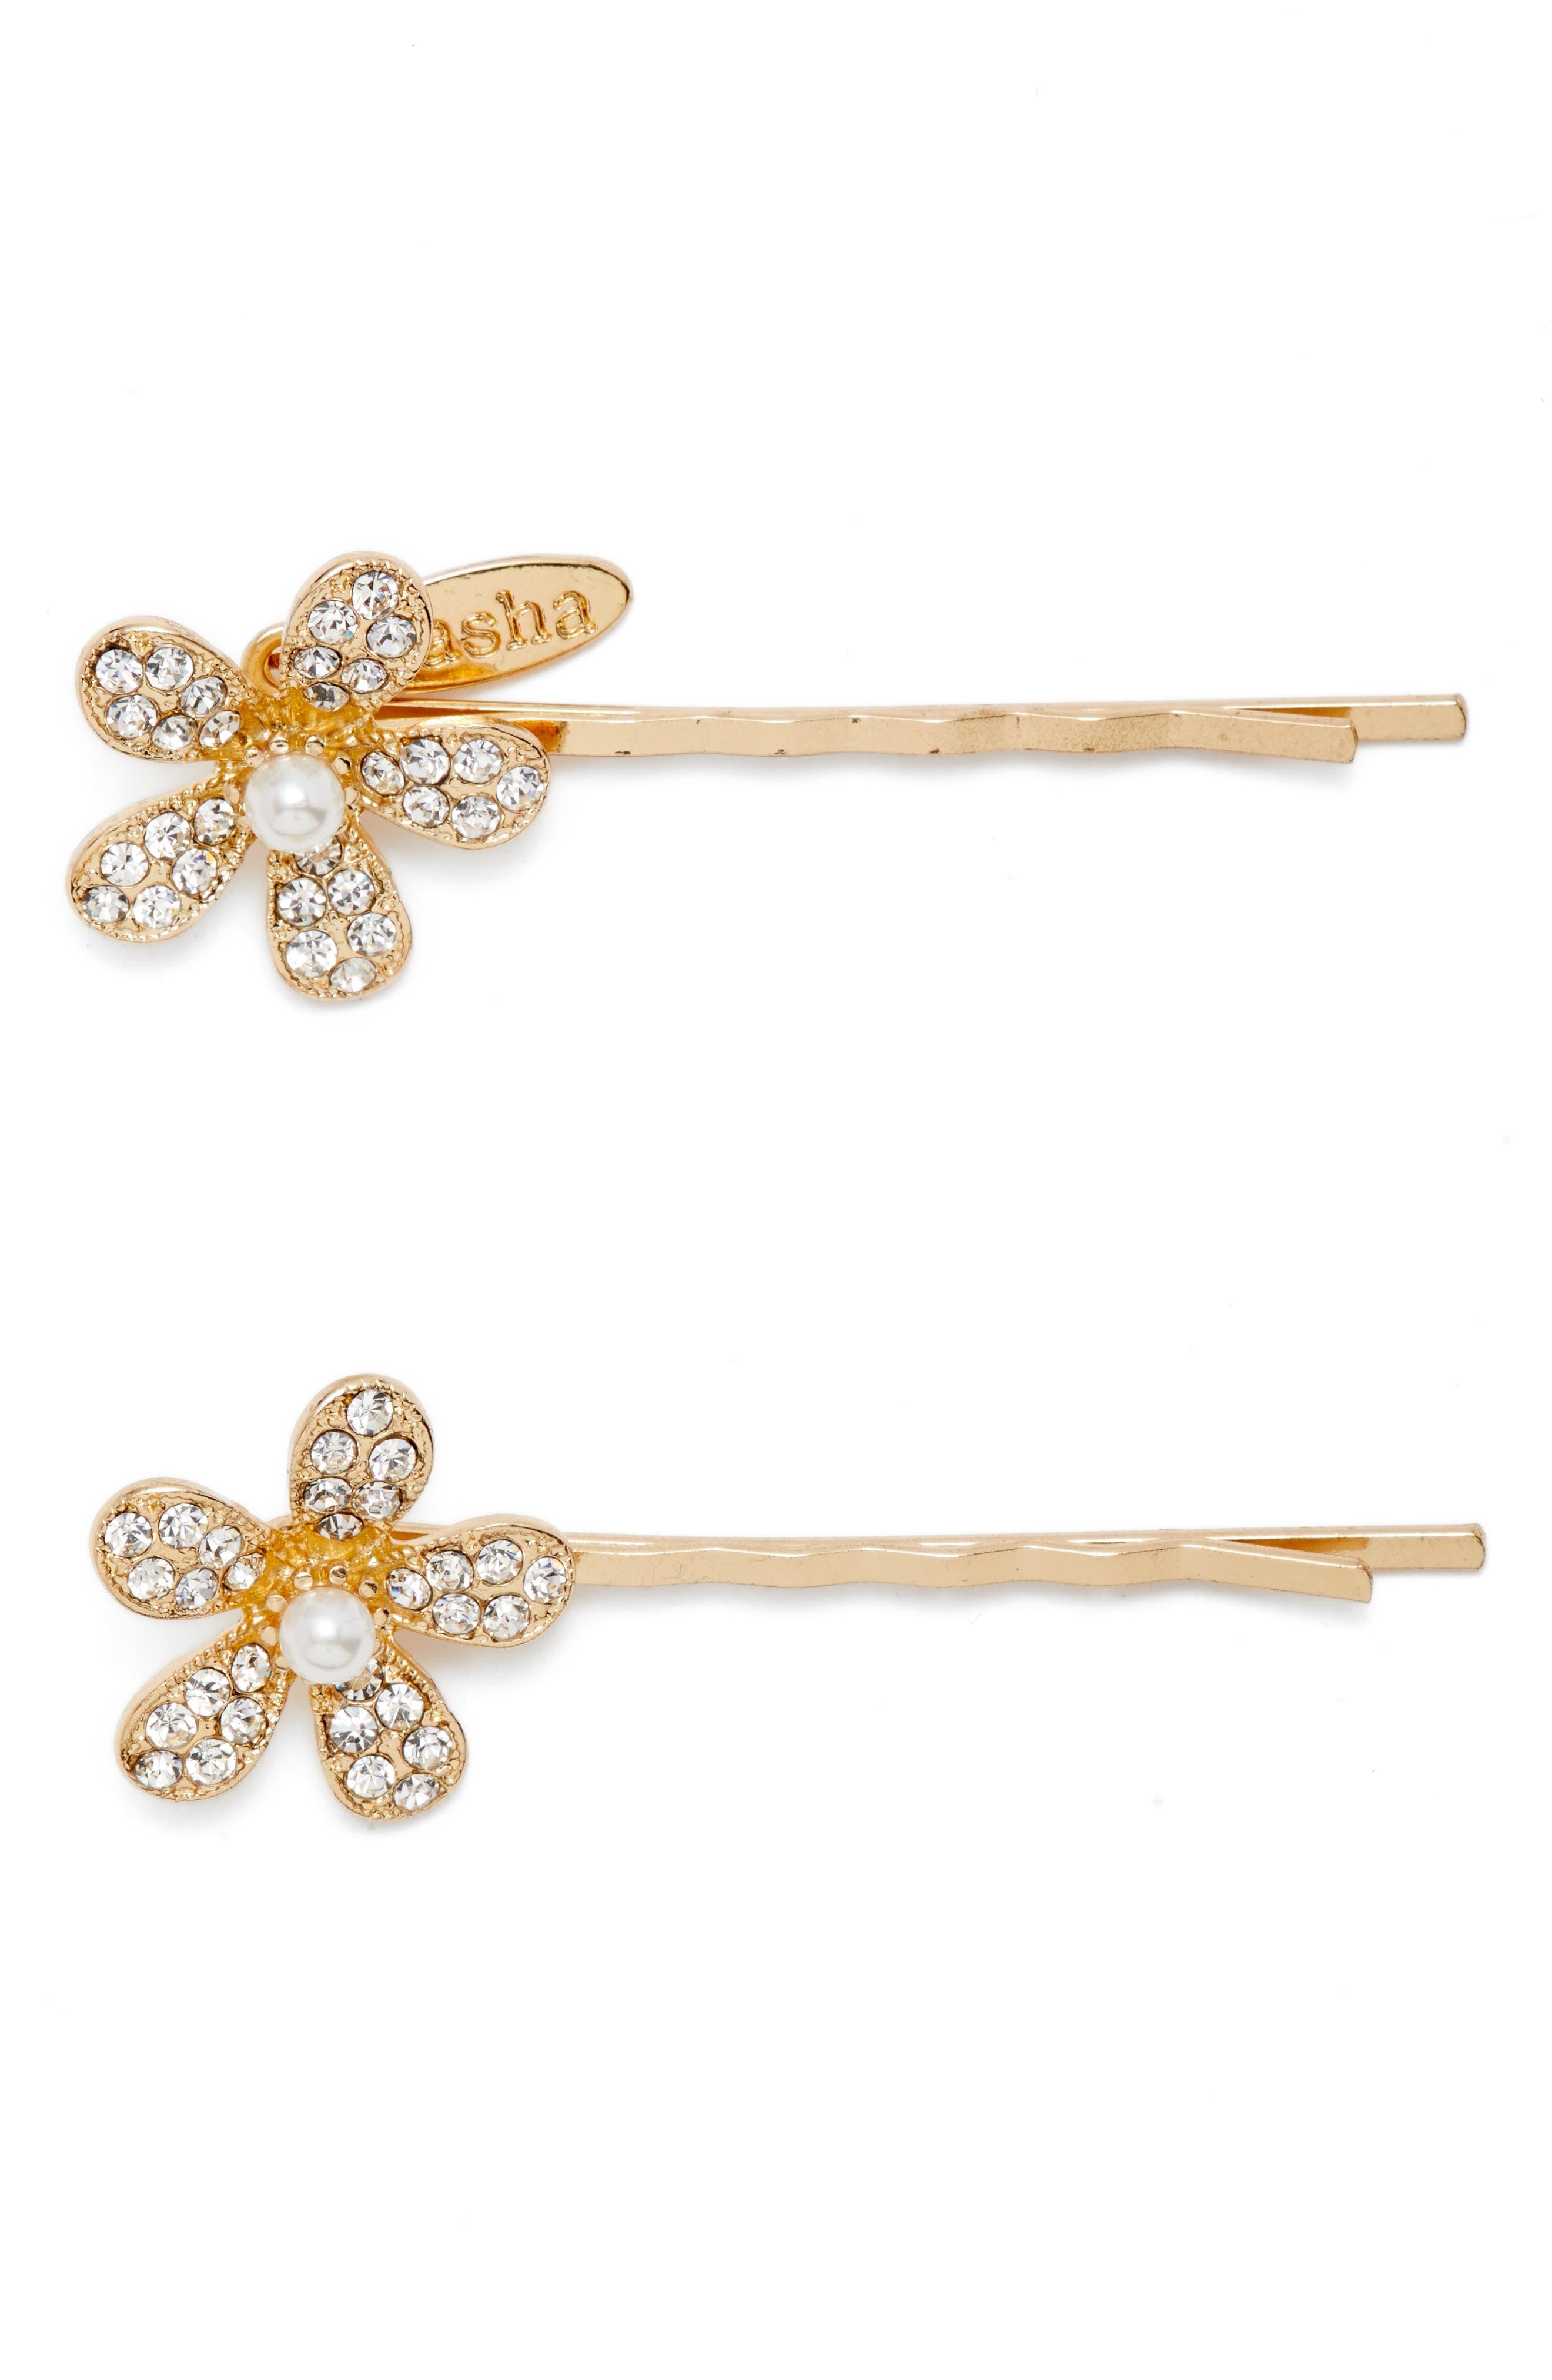 Princess Floral Set of 2 Bobby Pins,                         Main,                         color, Gold